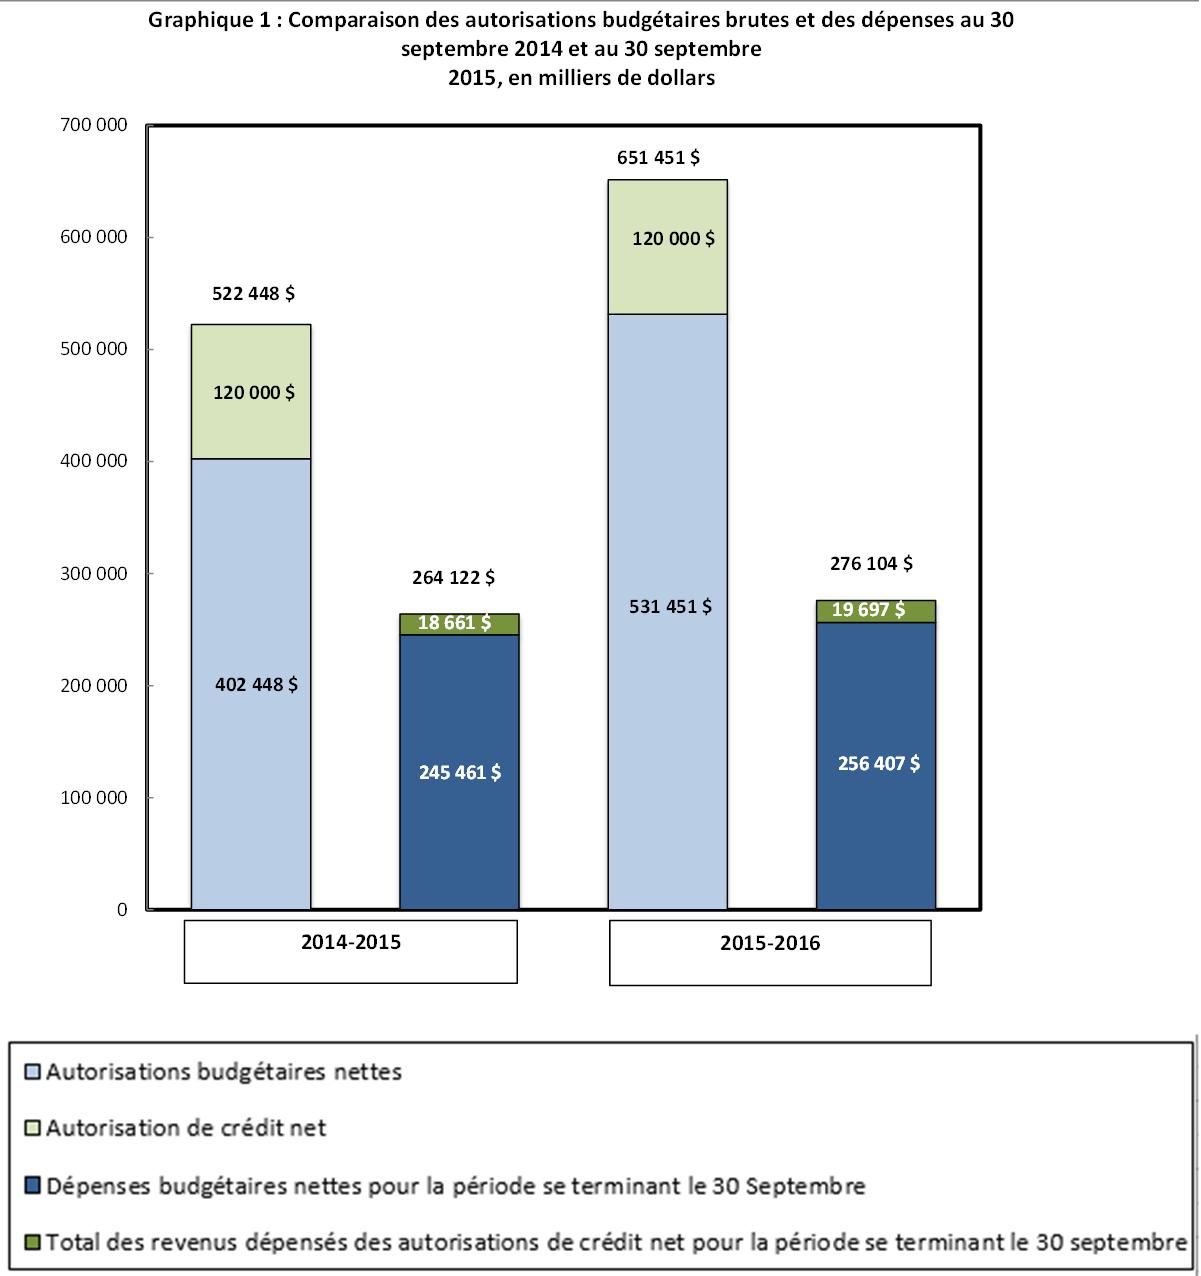 Comparaison des autorisations budgétaires brutes et des dépenses au 30 septembre 2014 et au 30 septembre 2015, en milliers de dollars